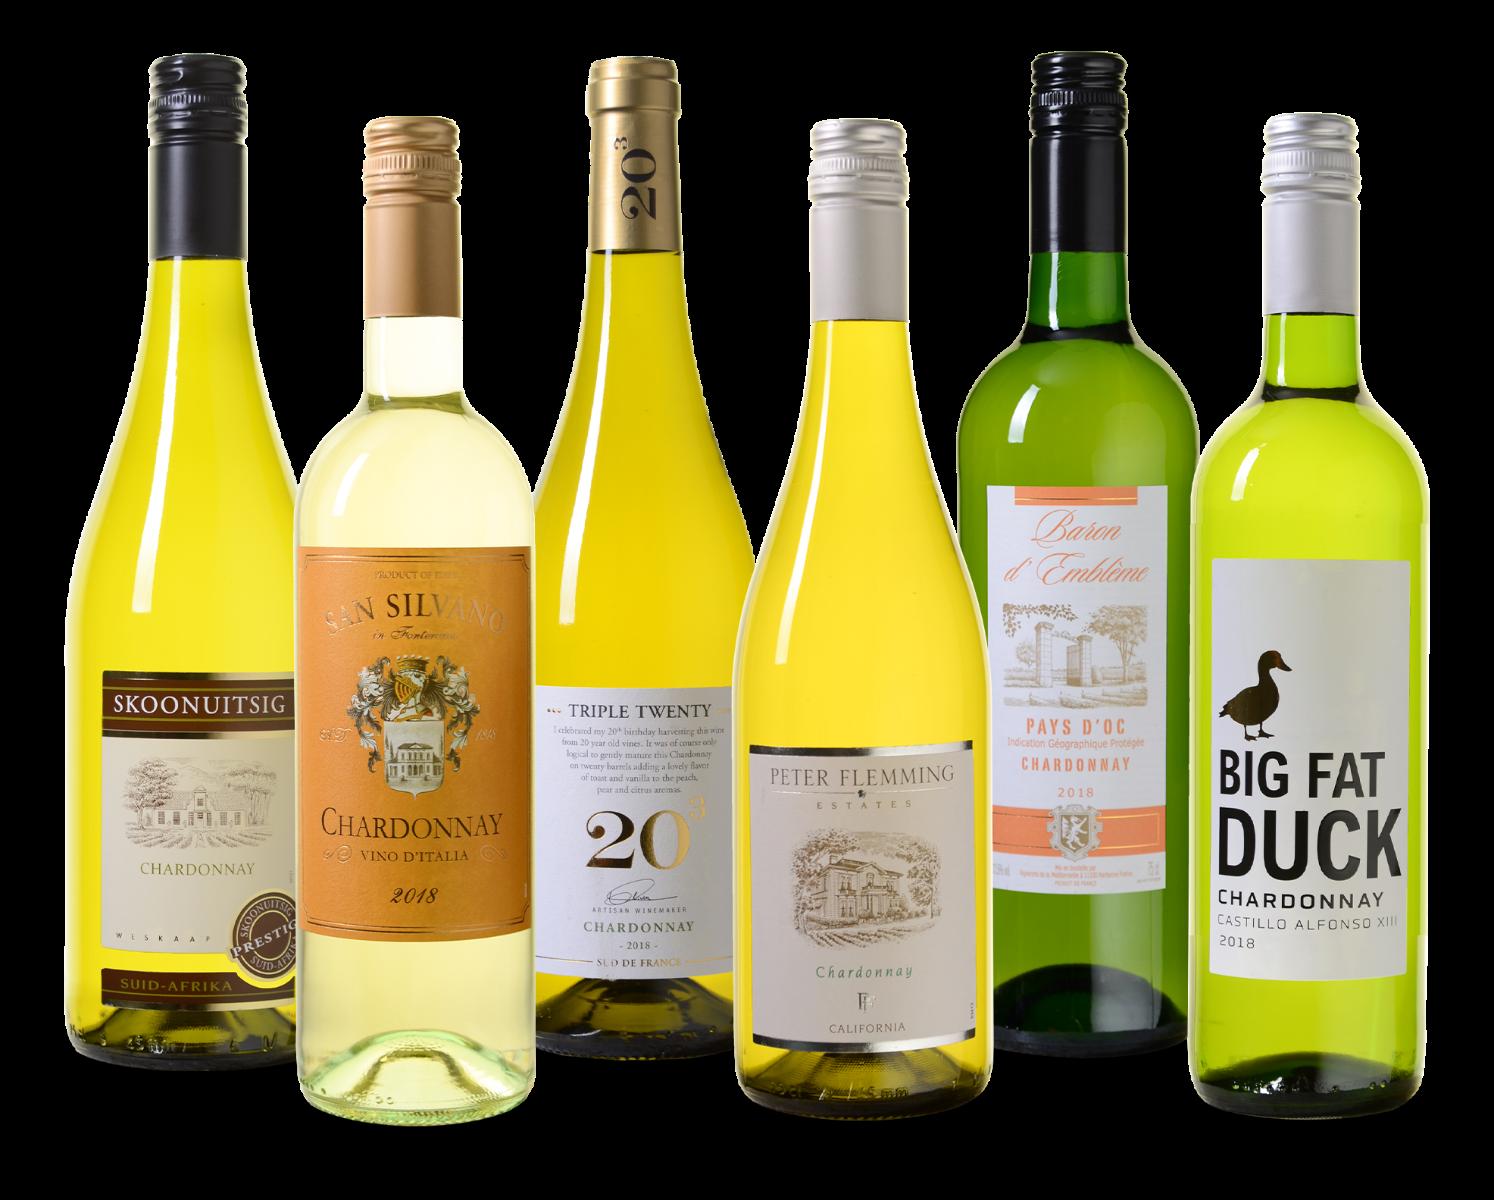 Wijnpakket Chardonnay wijnvoordeel.nl